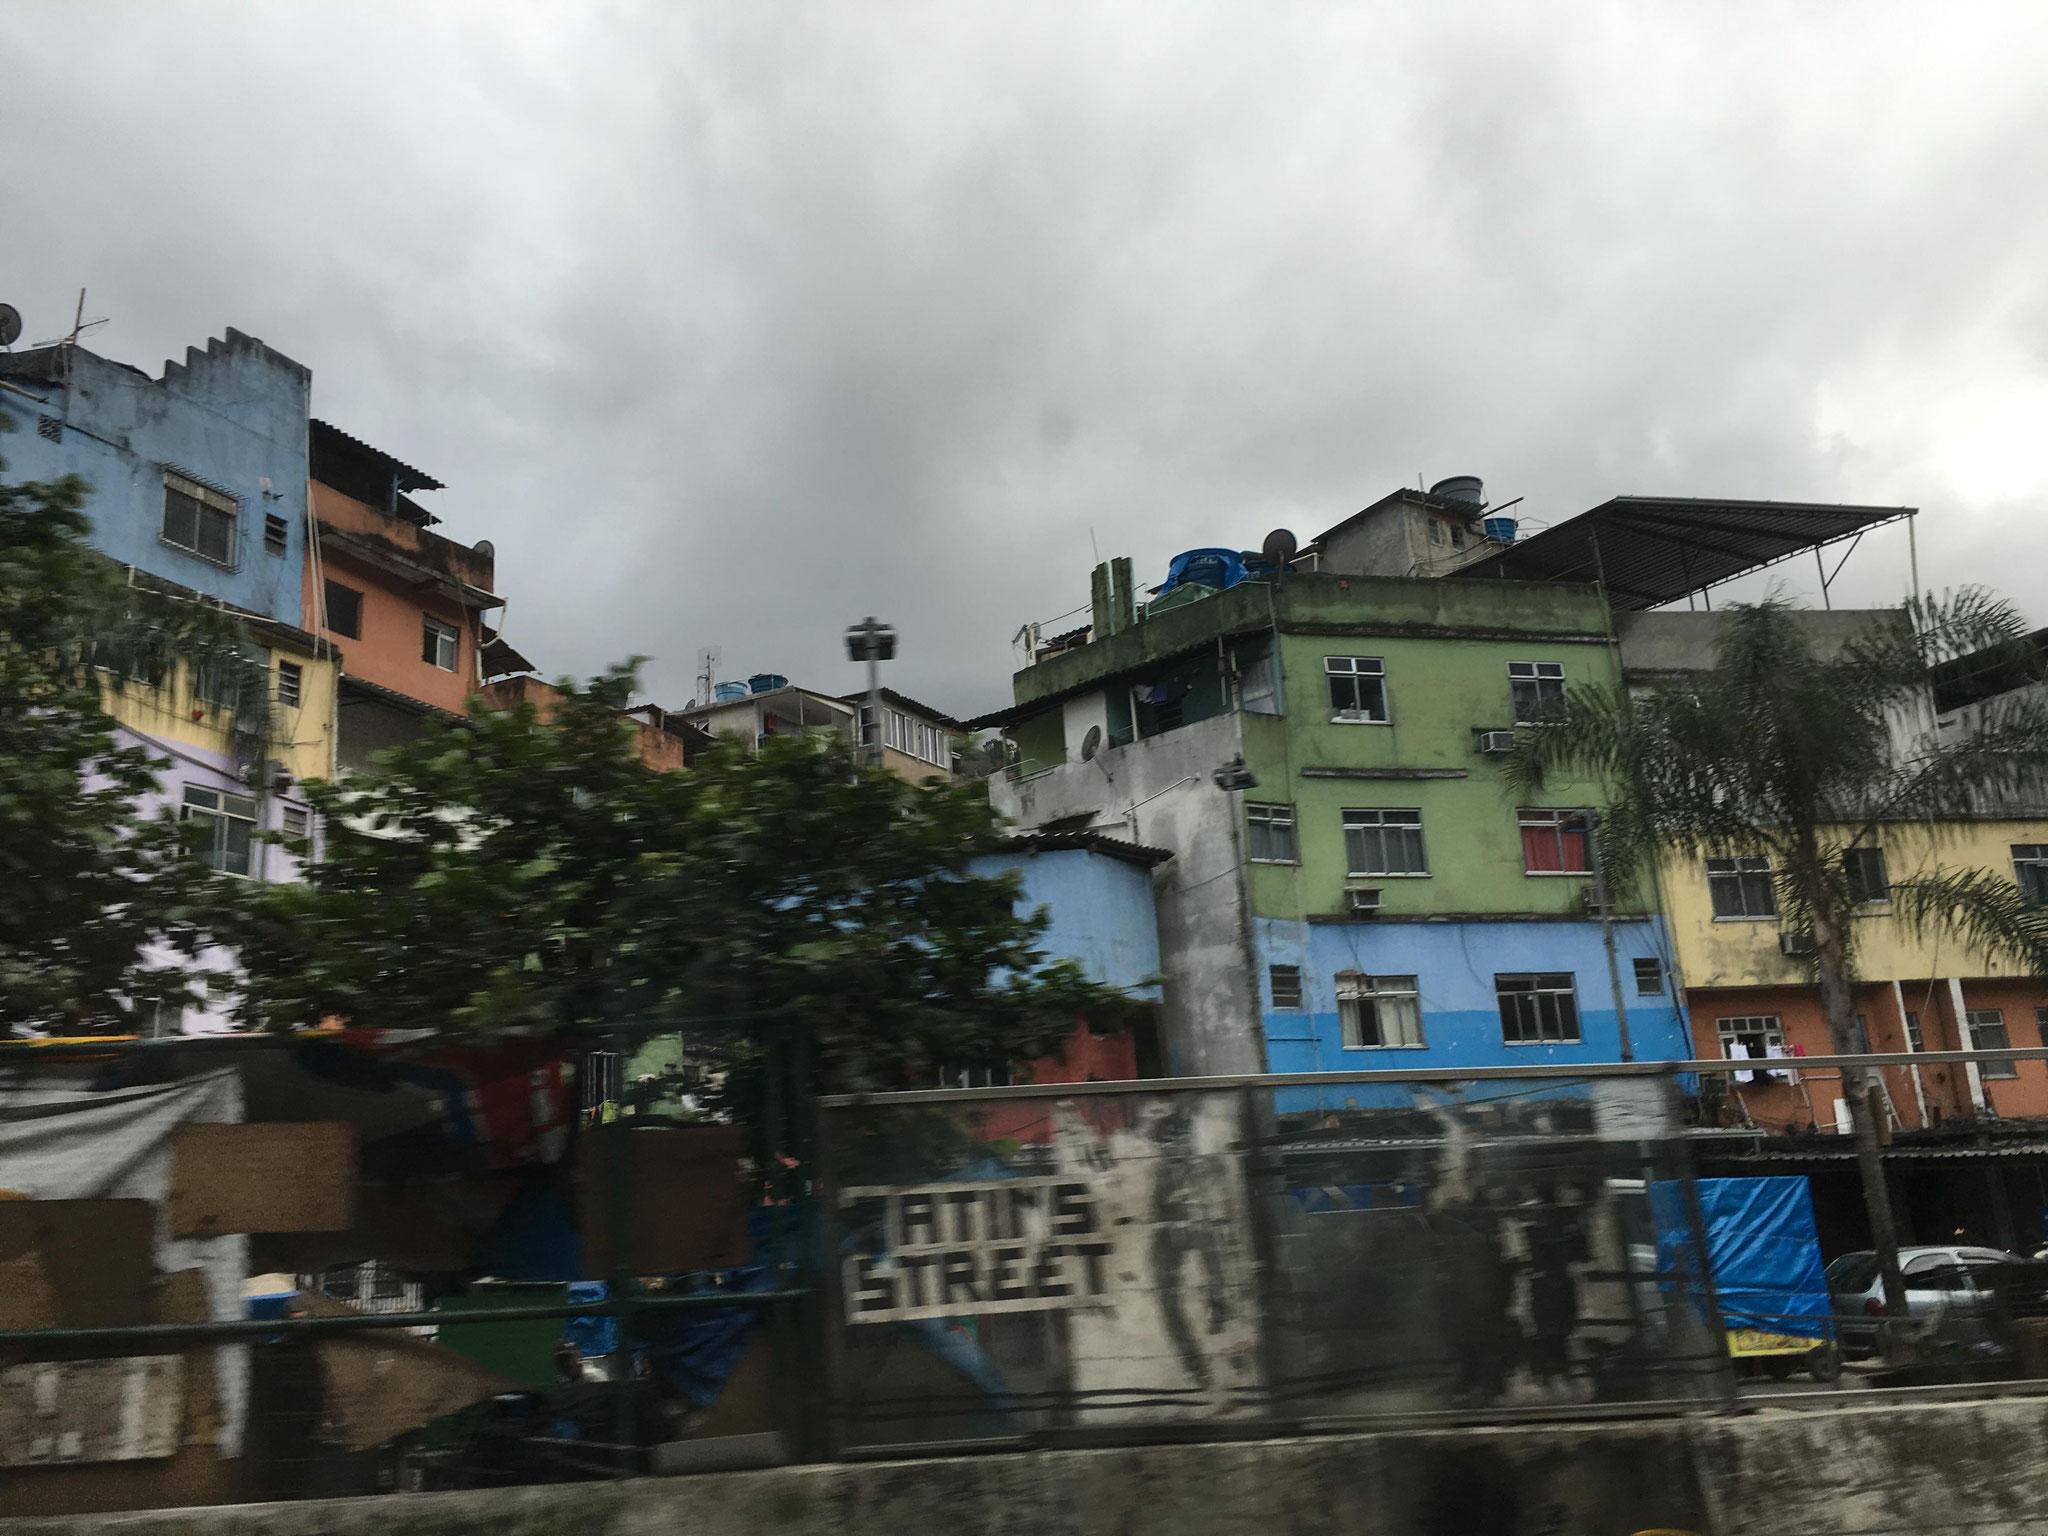 ファベーラ(ポルトガル語でいうスラム街)、貧富の格差も社会的問題